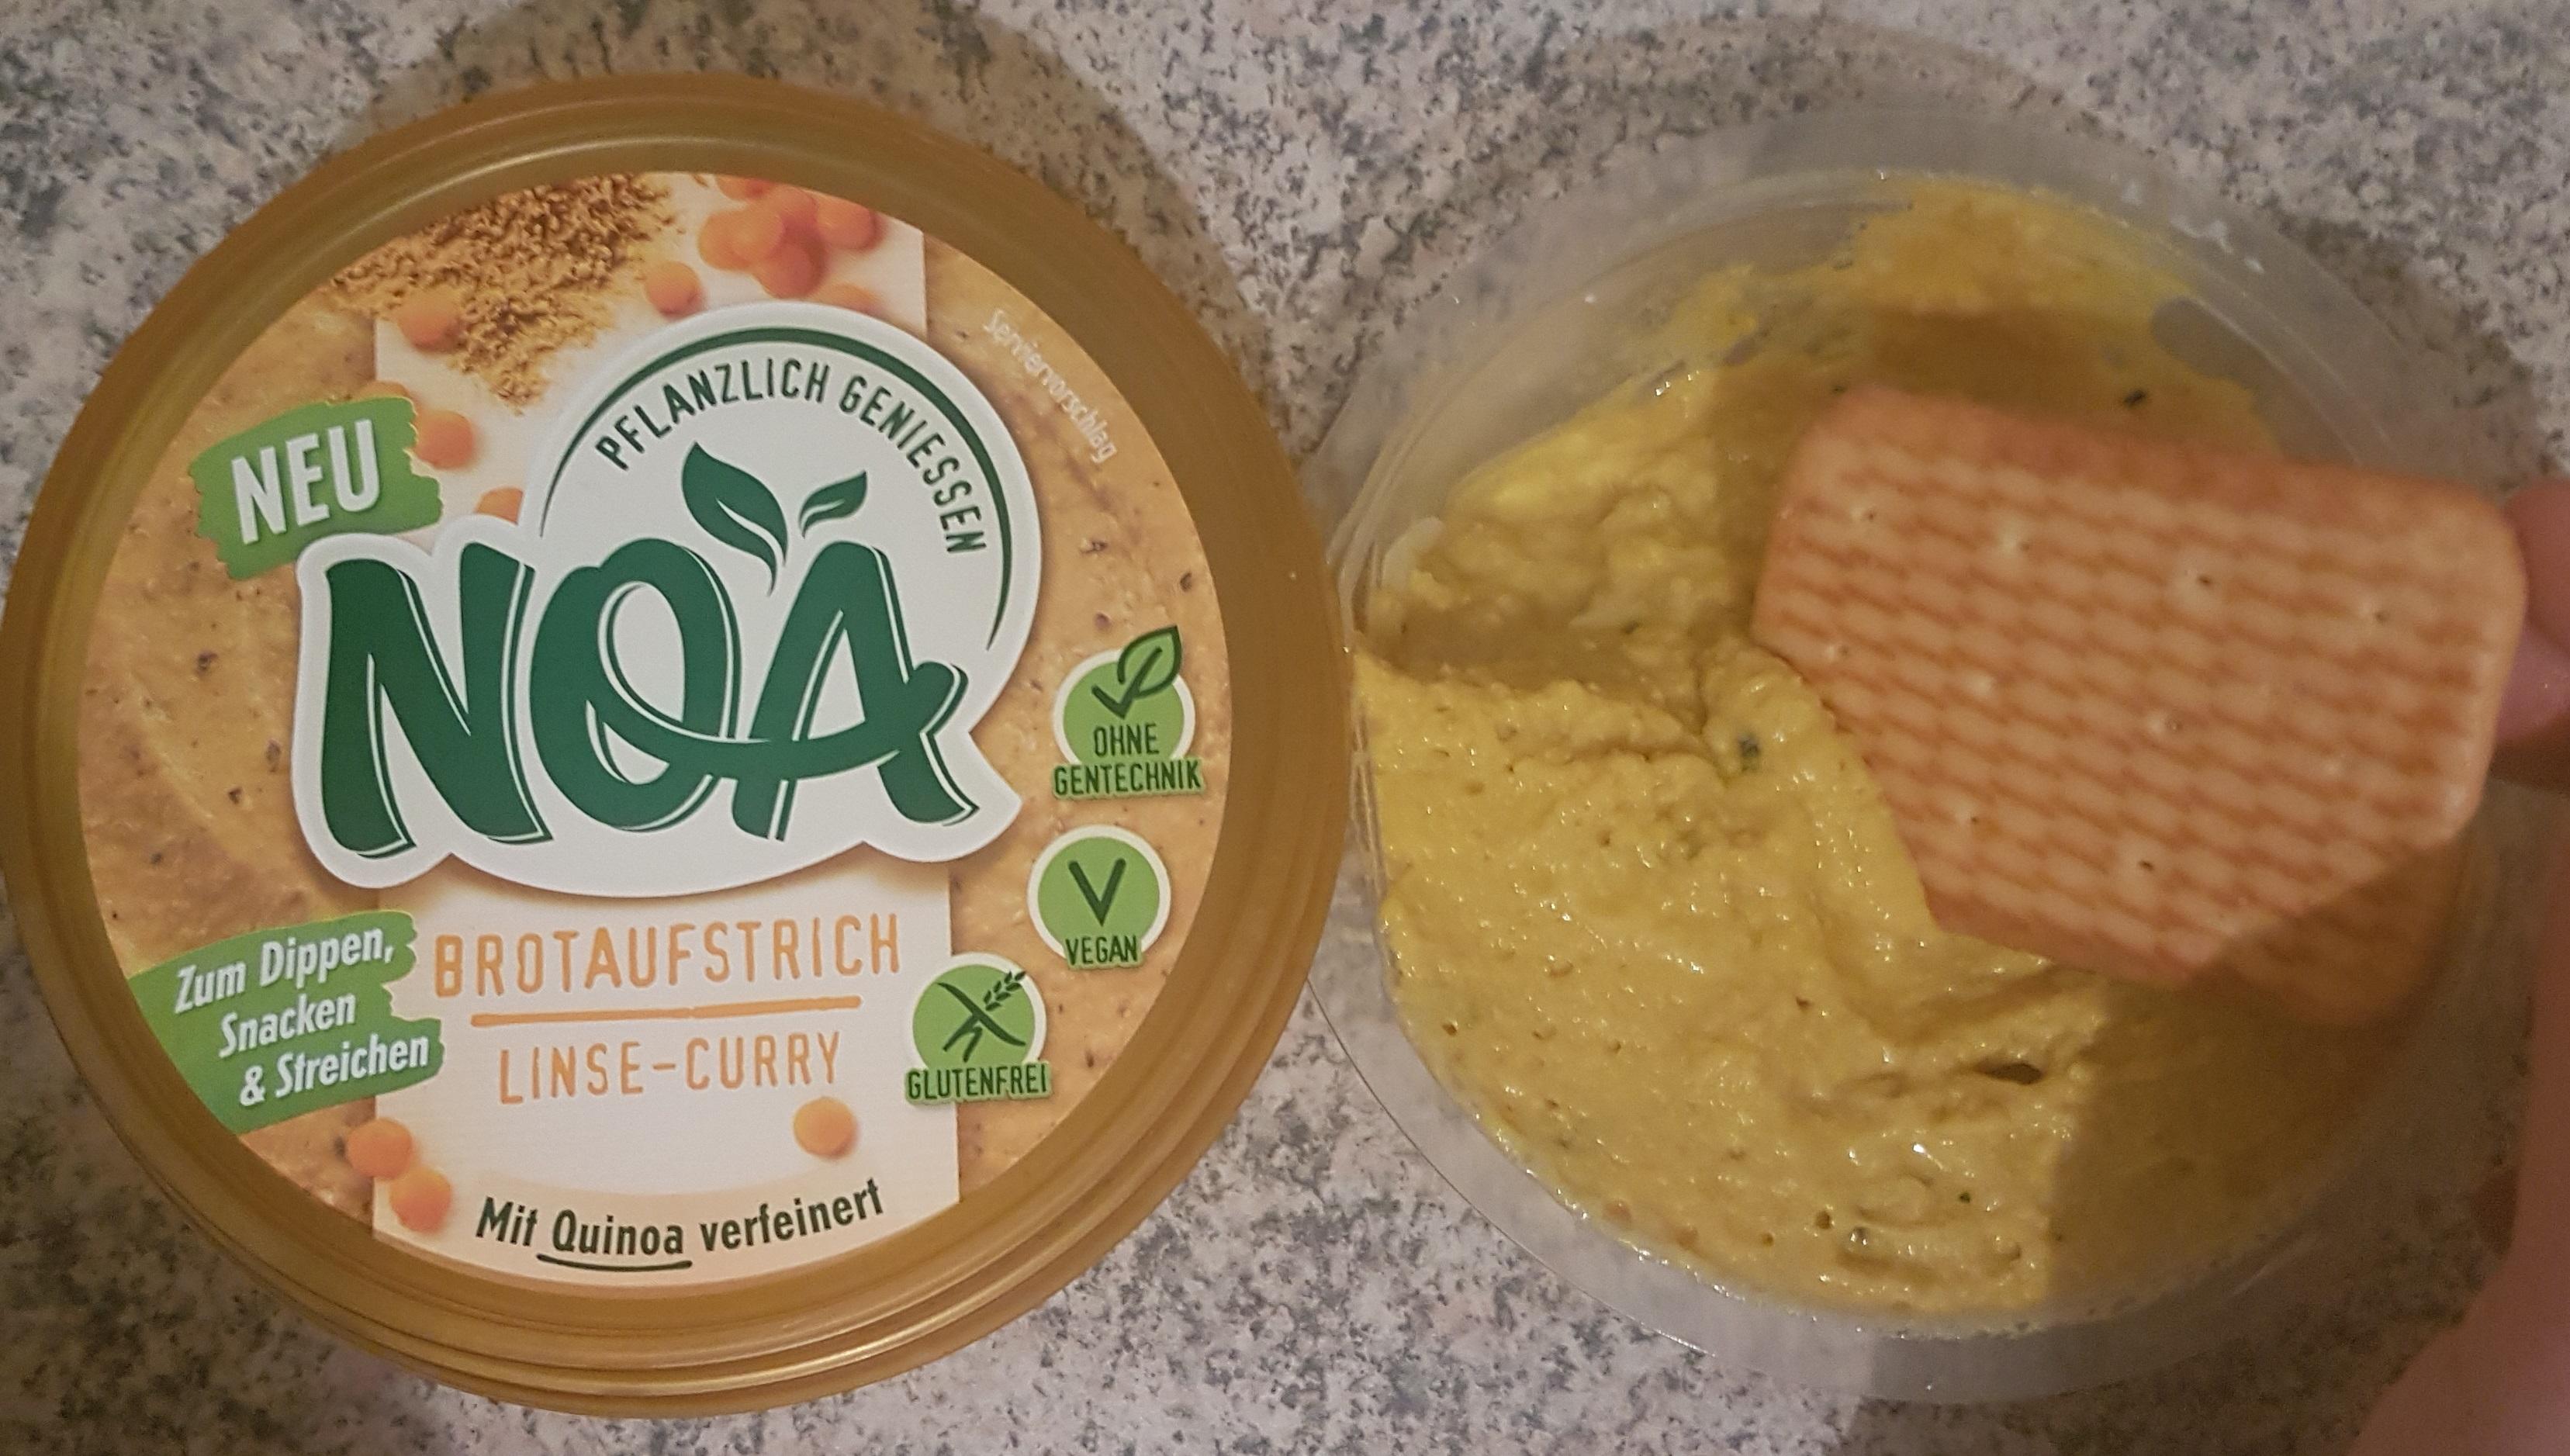 noa-linse-curry-brotaufstrich-dip